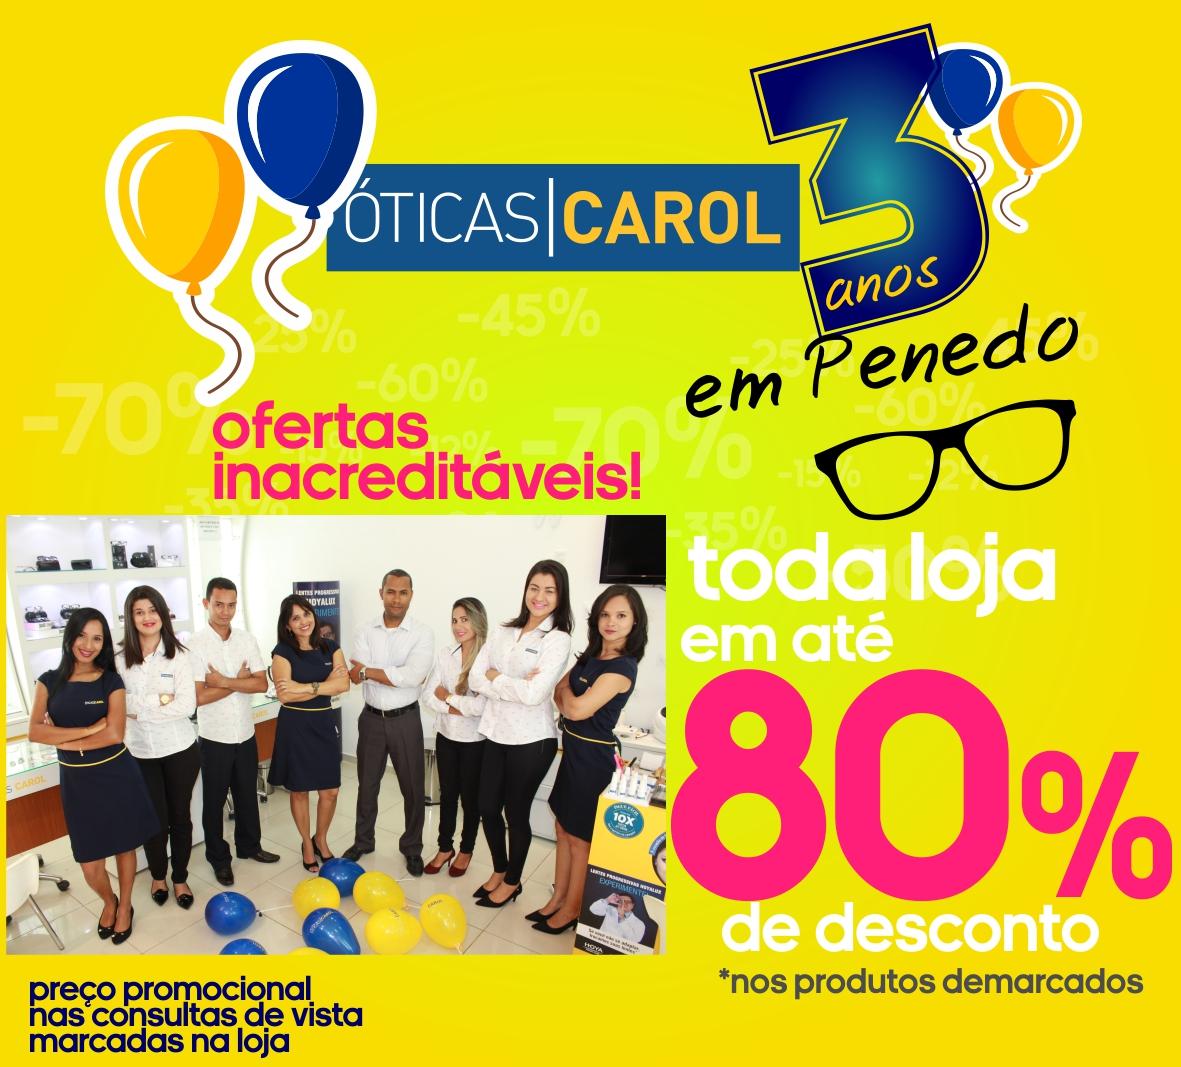 Óticas Carol de Penedo entra no mês de aniversário com toda loja ... - Boa  Informação 07a0cf9baa